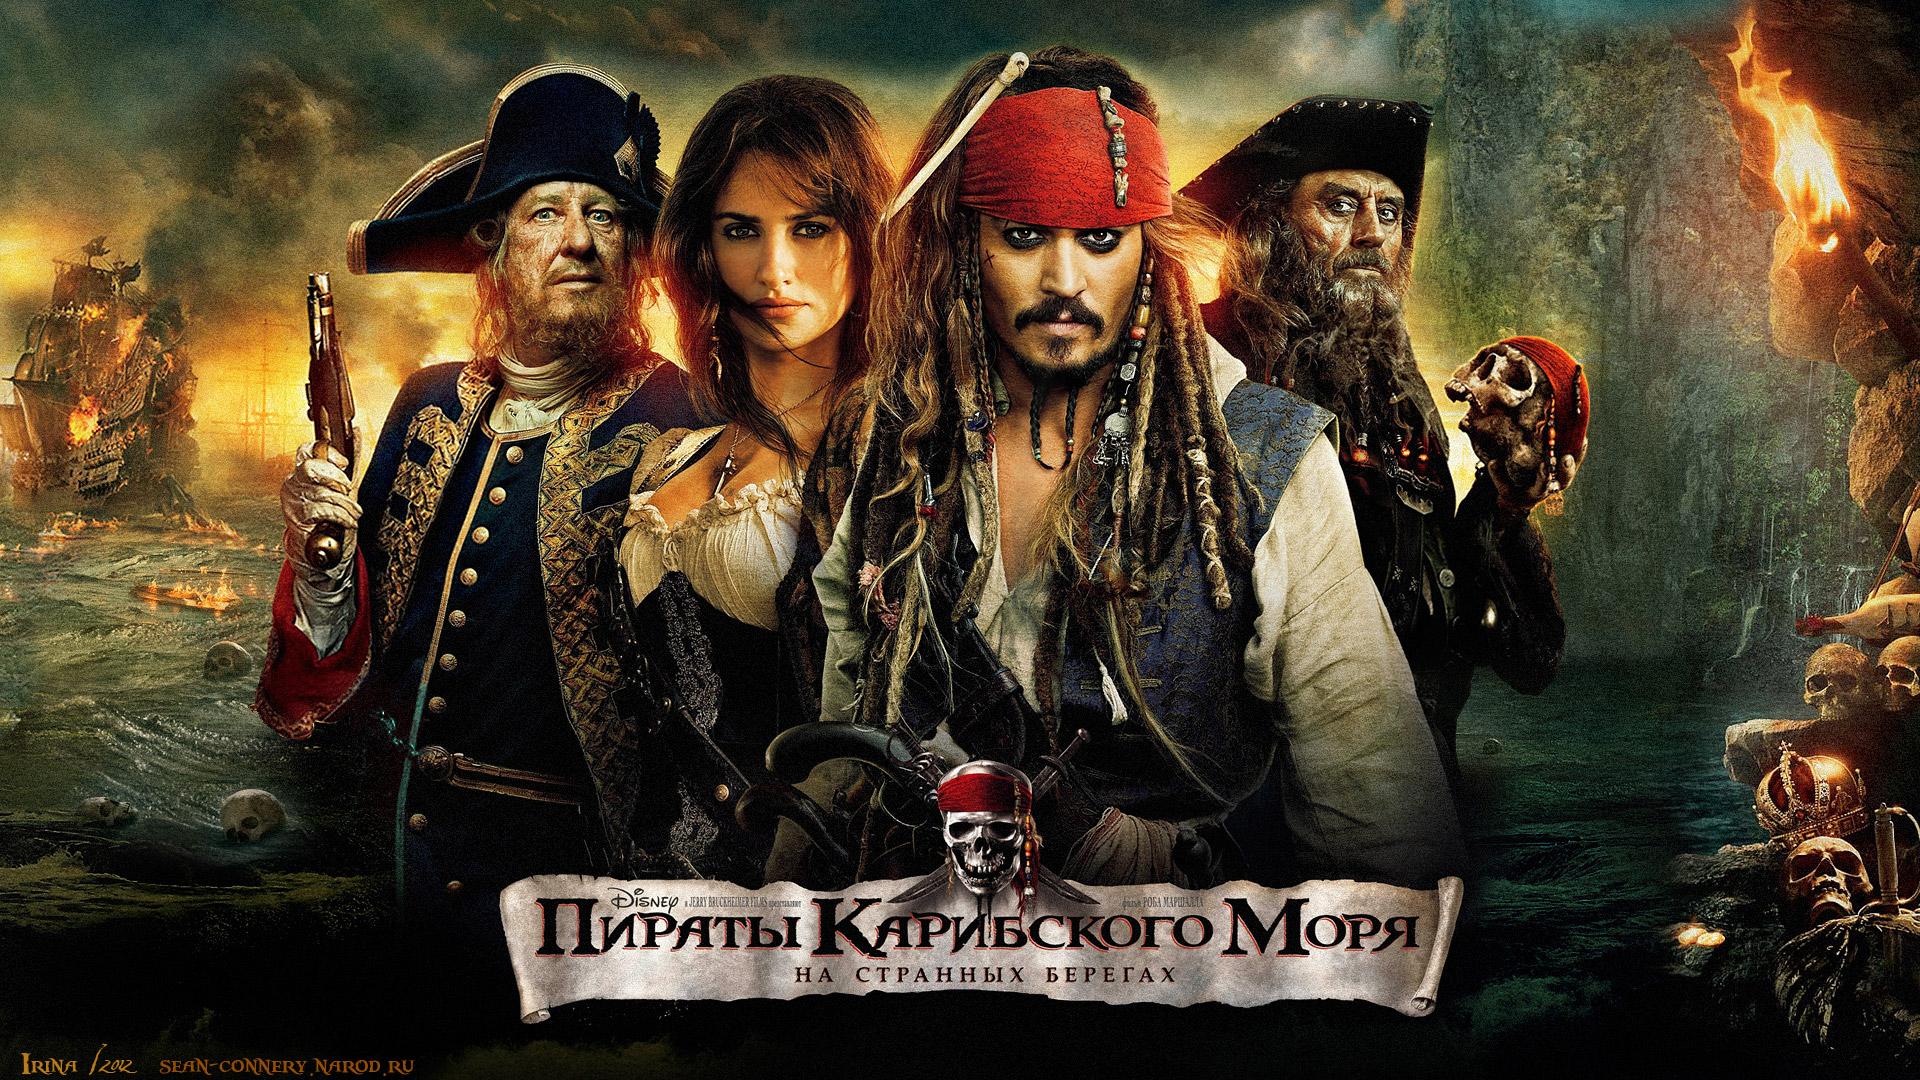 Пираты Карибского моря 2: Сундук мертвеца - смотреть